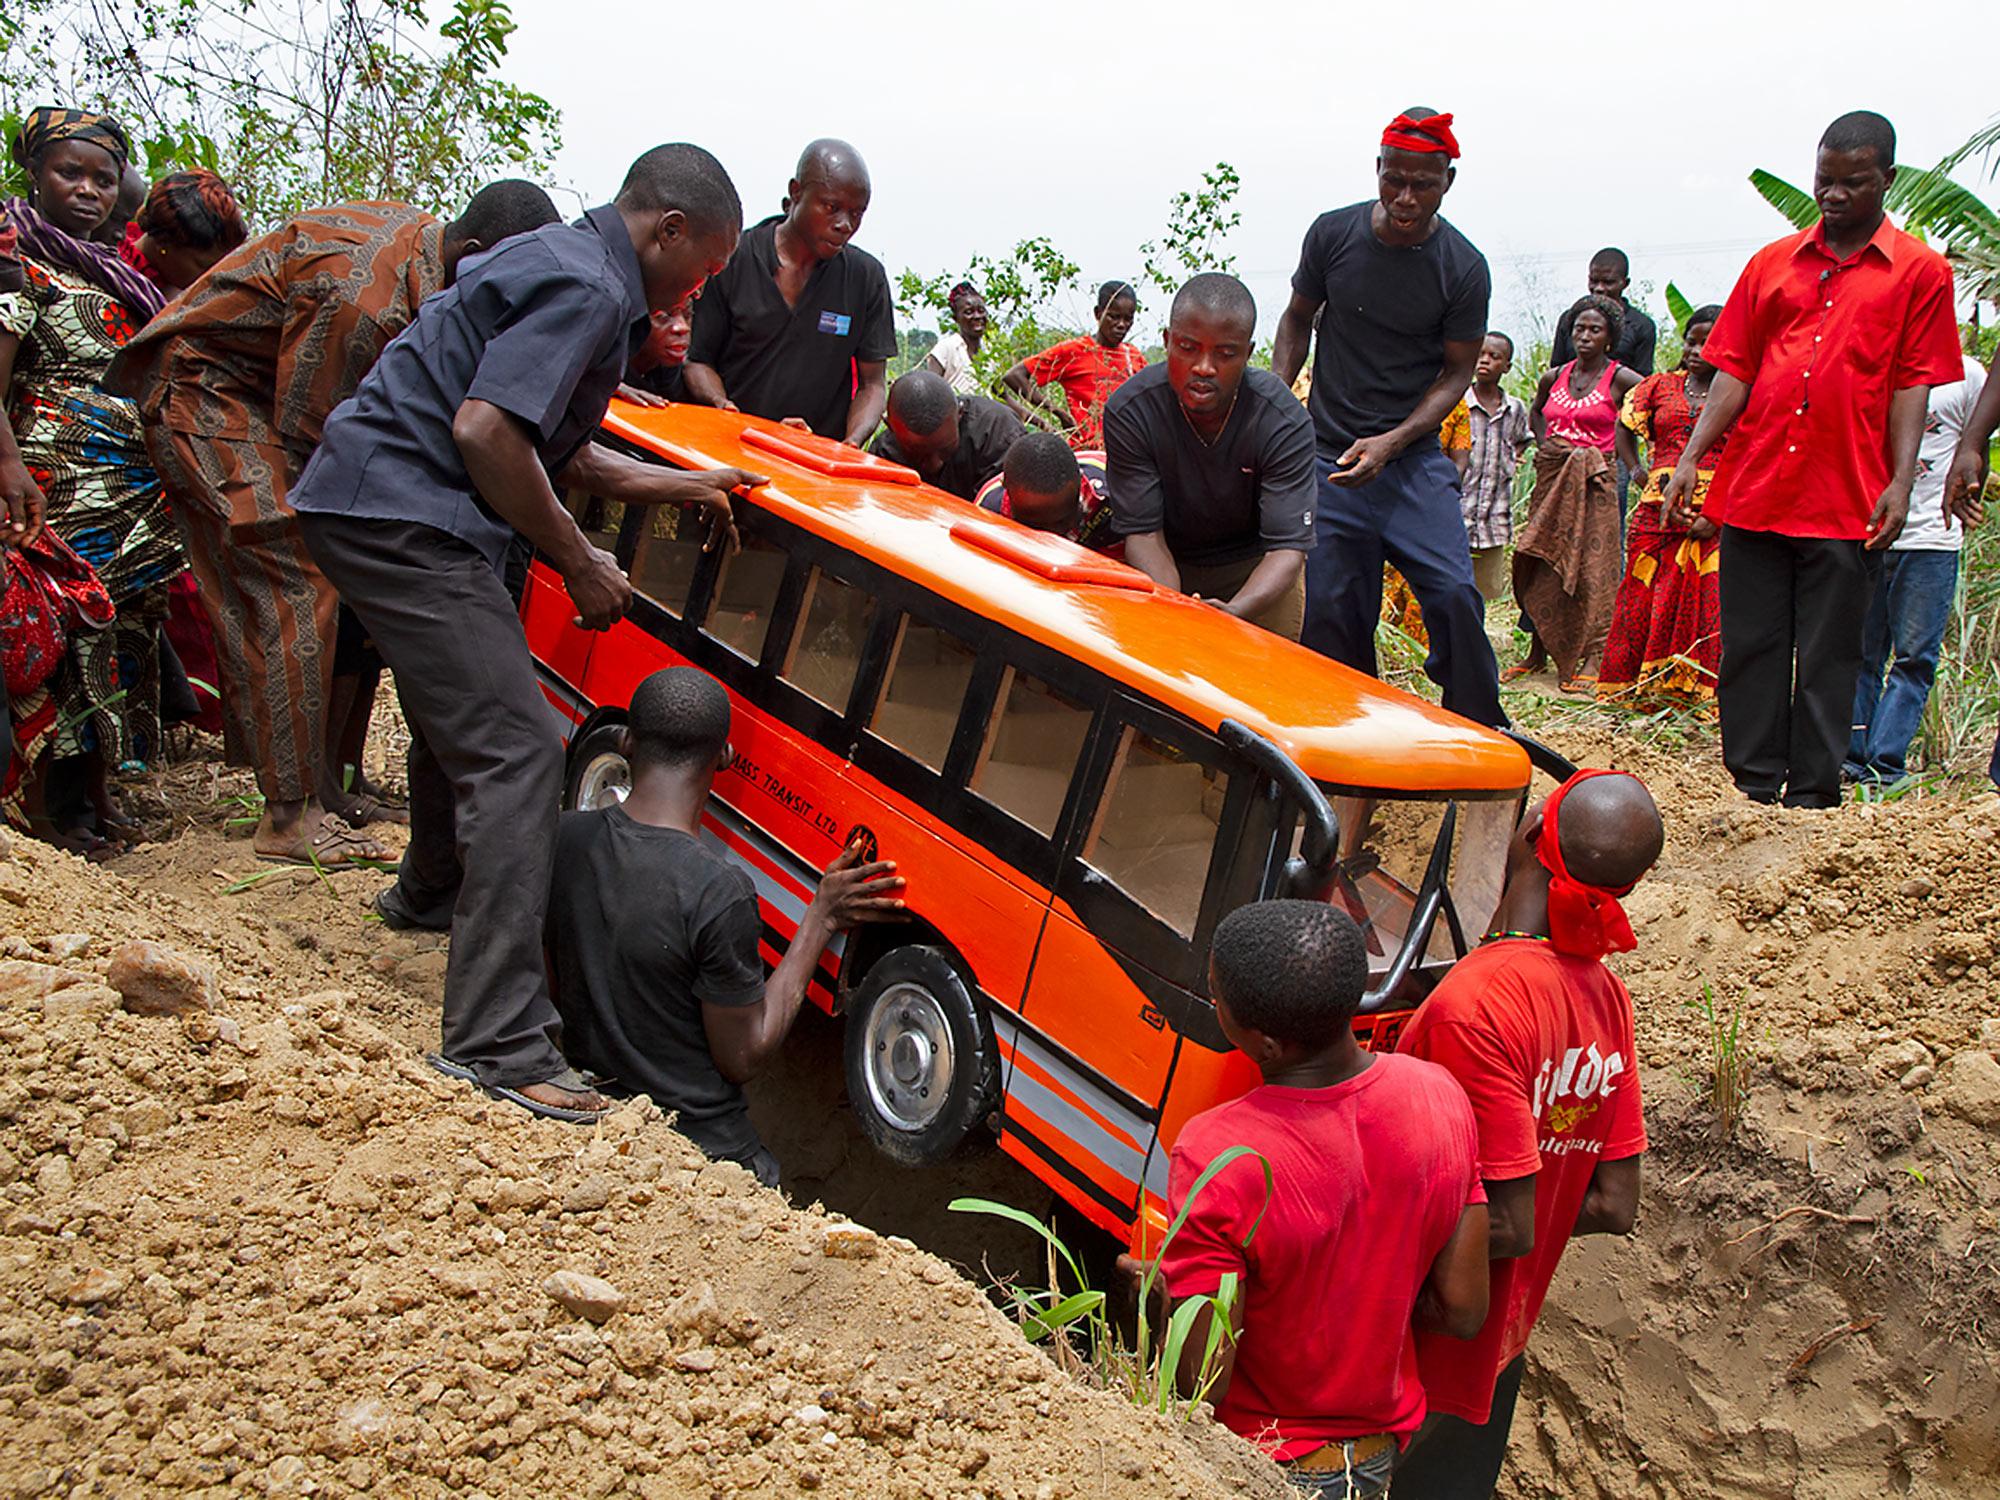 Beerdigung in Ghana in Reisebus-Sarg